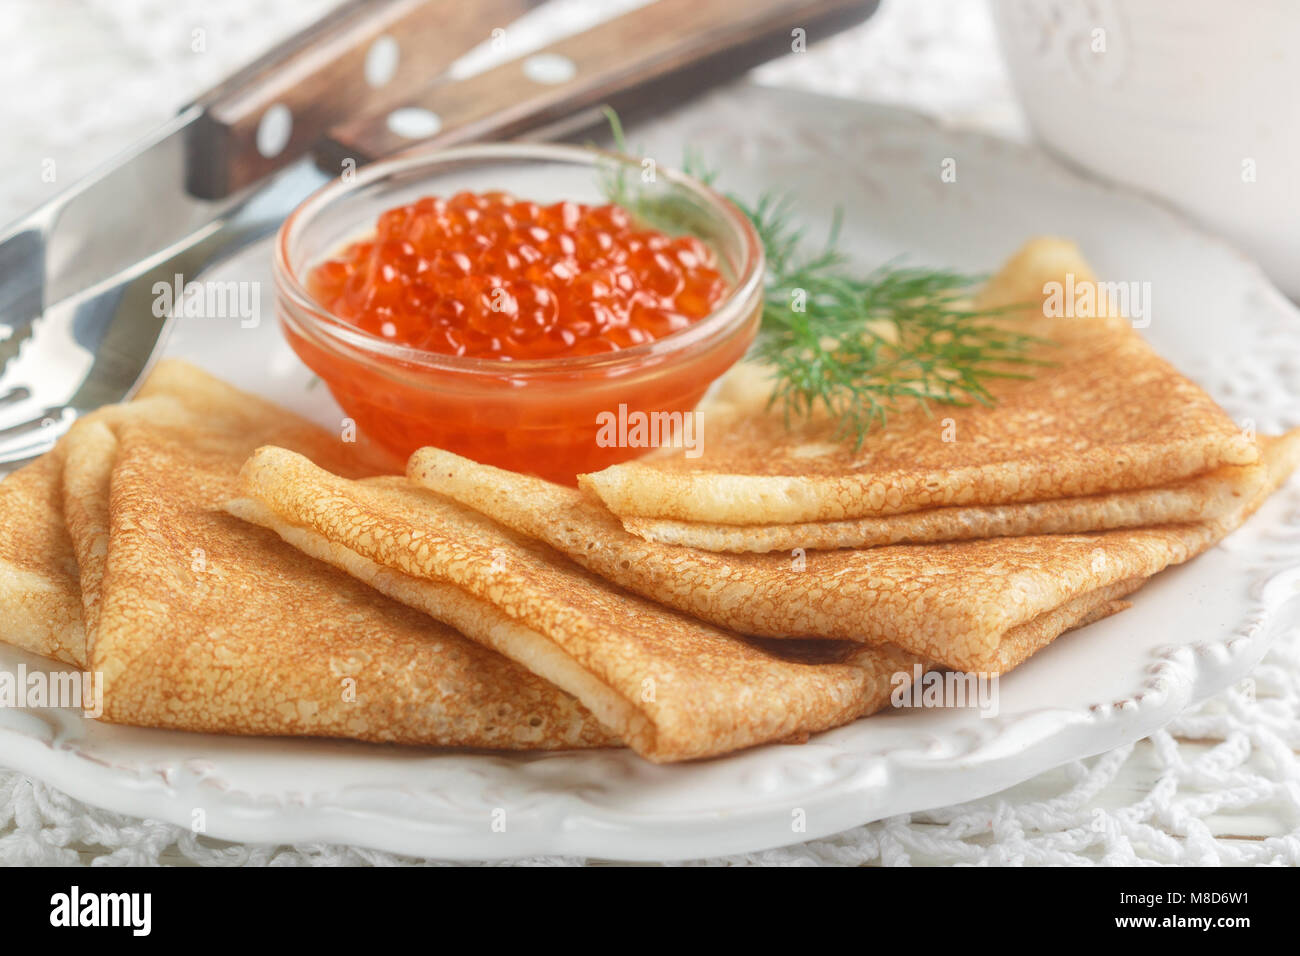 Tradizionale Frittelle Russe (blini ) con caviale di salmone su una piastra bianca. Messa a fuoco selettiva Foto Stock